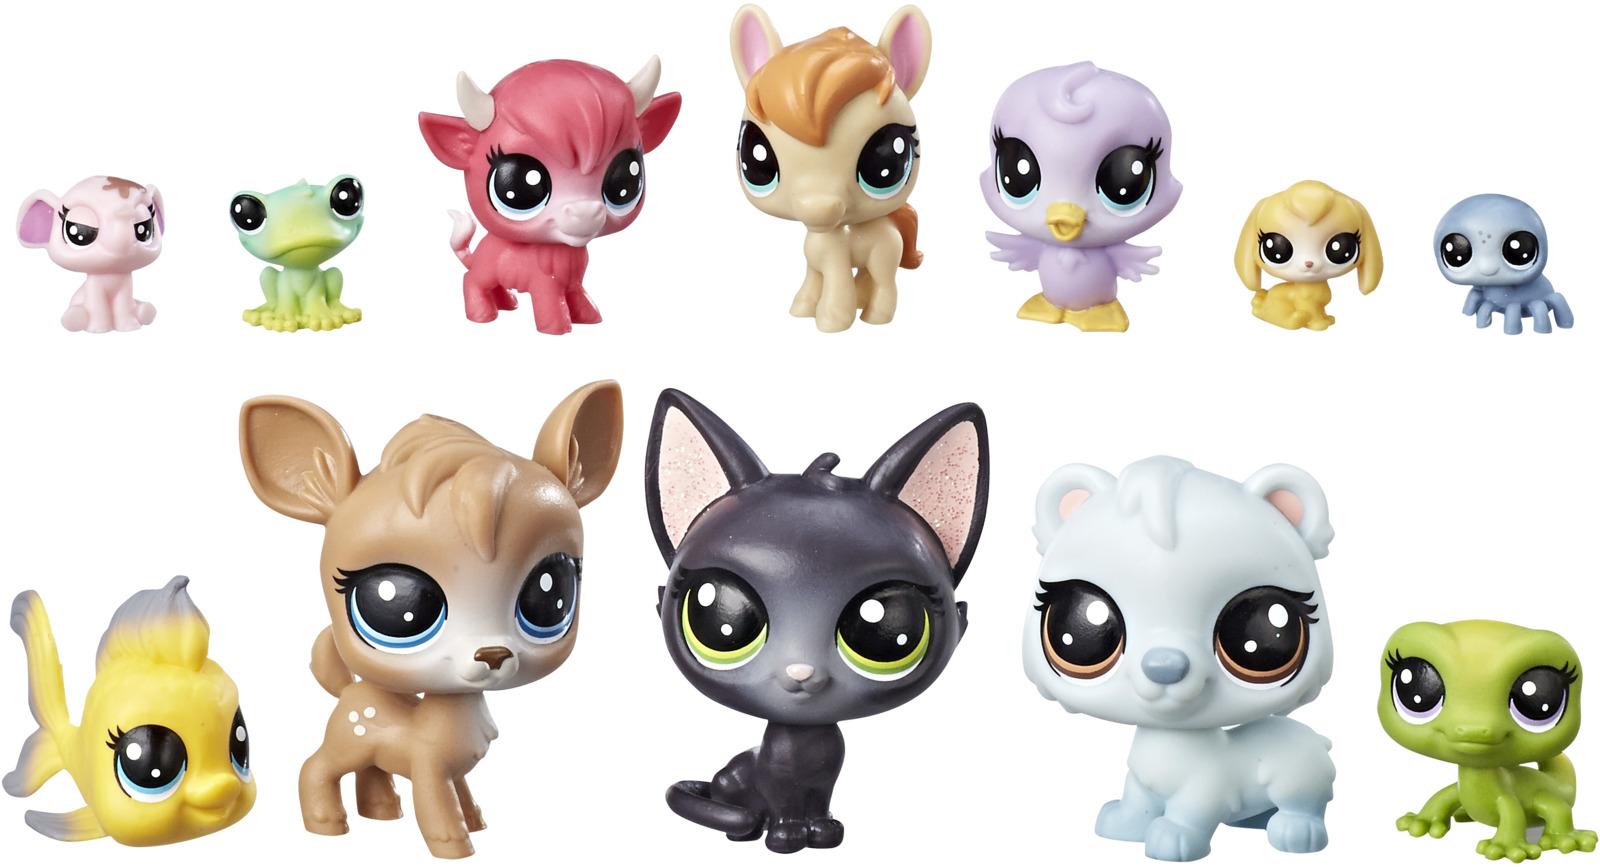 Набор фигурок Littlest Pet Shop 12 Счастливых петов, в ассортименте